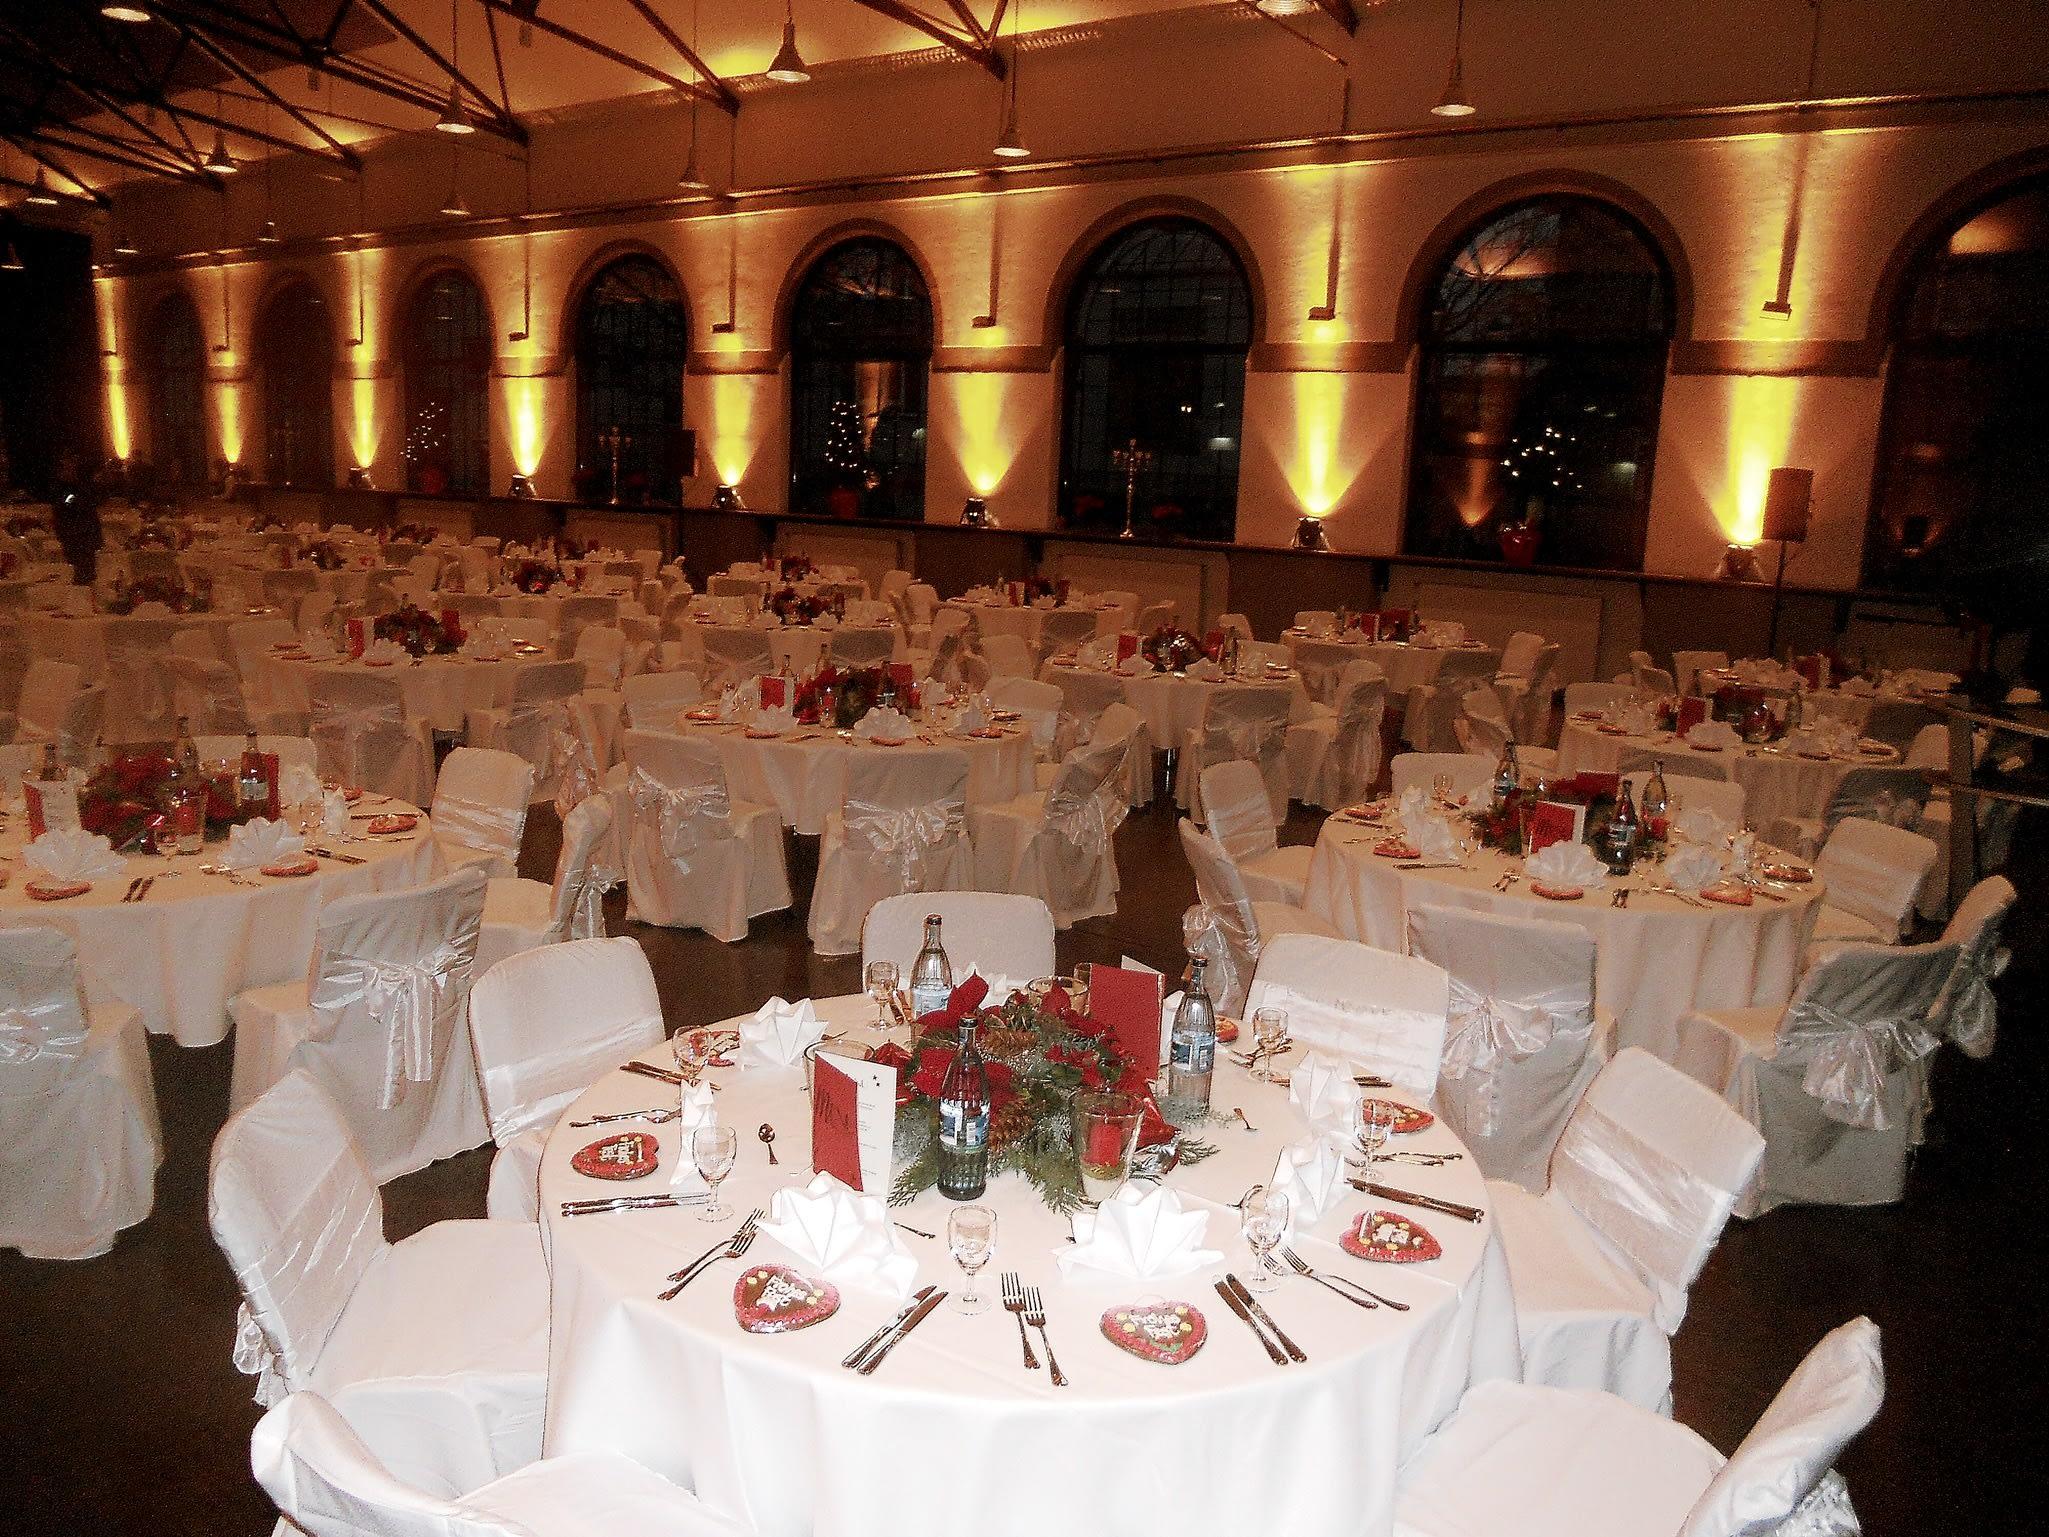 Große Feier Location runde Tische Gastronomie dekoriert